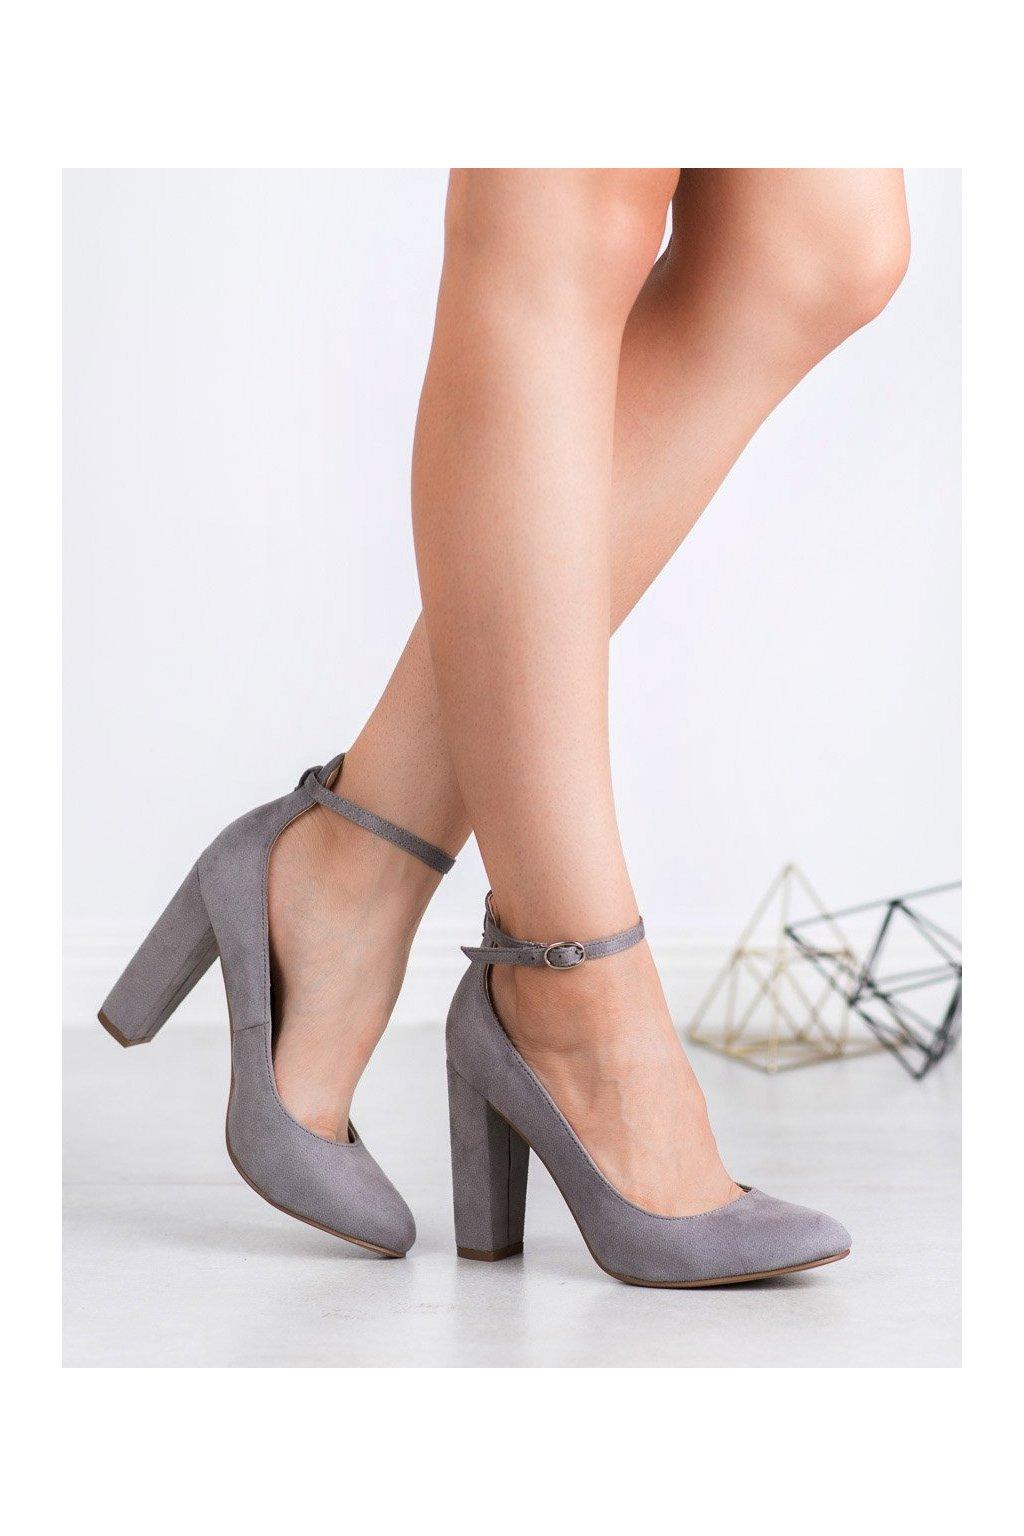 Sivé dámske lodičky na hrubom podpätku Ideal shoes kod P-6385G